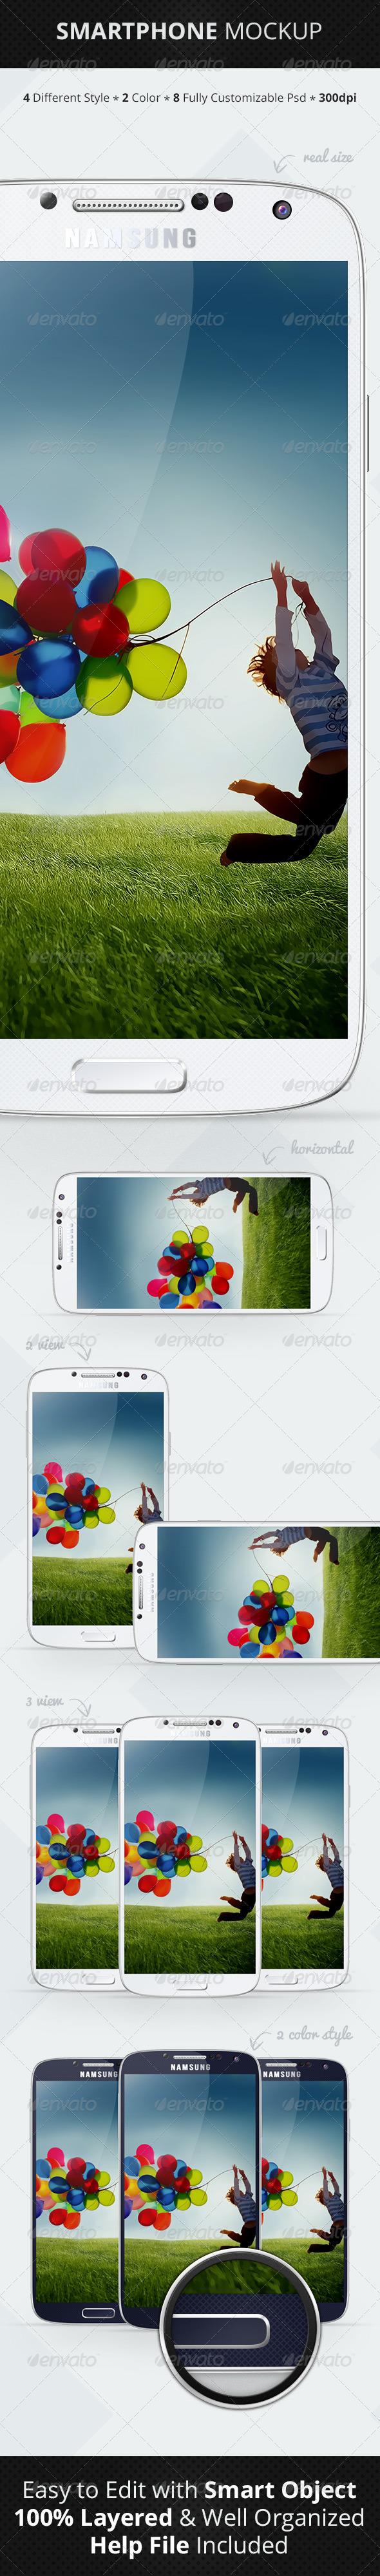 GraphicRiver Smartphone Mockup 4894113